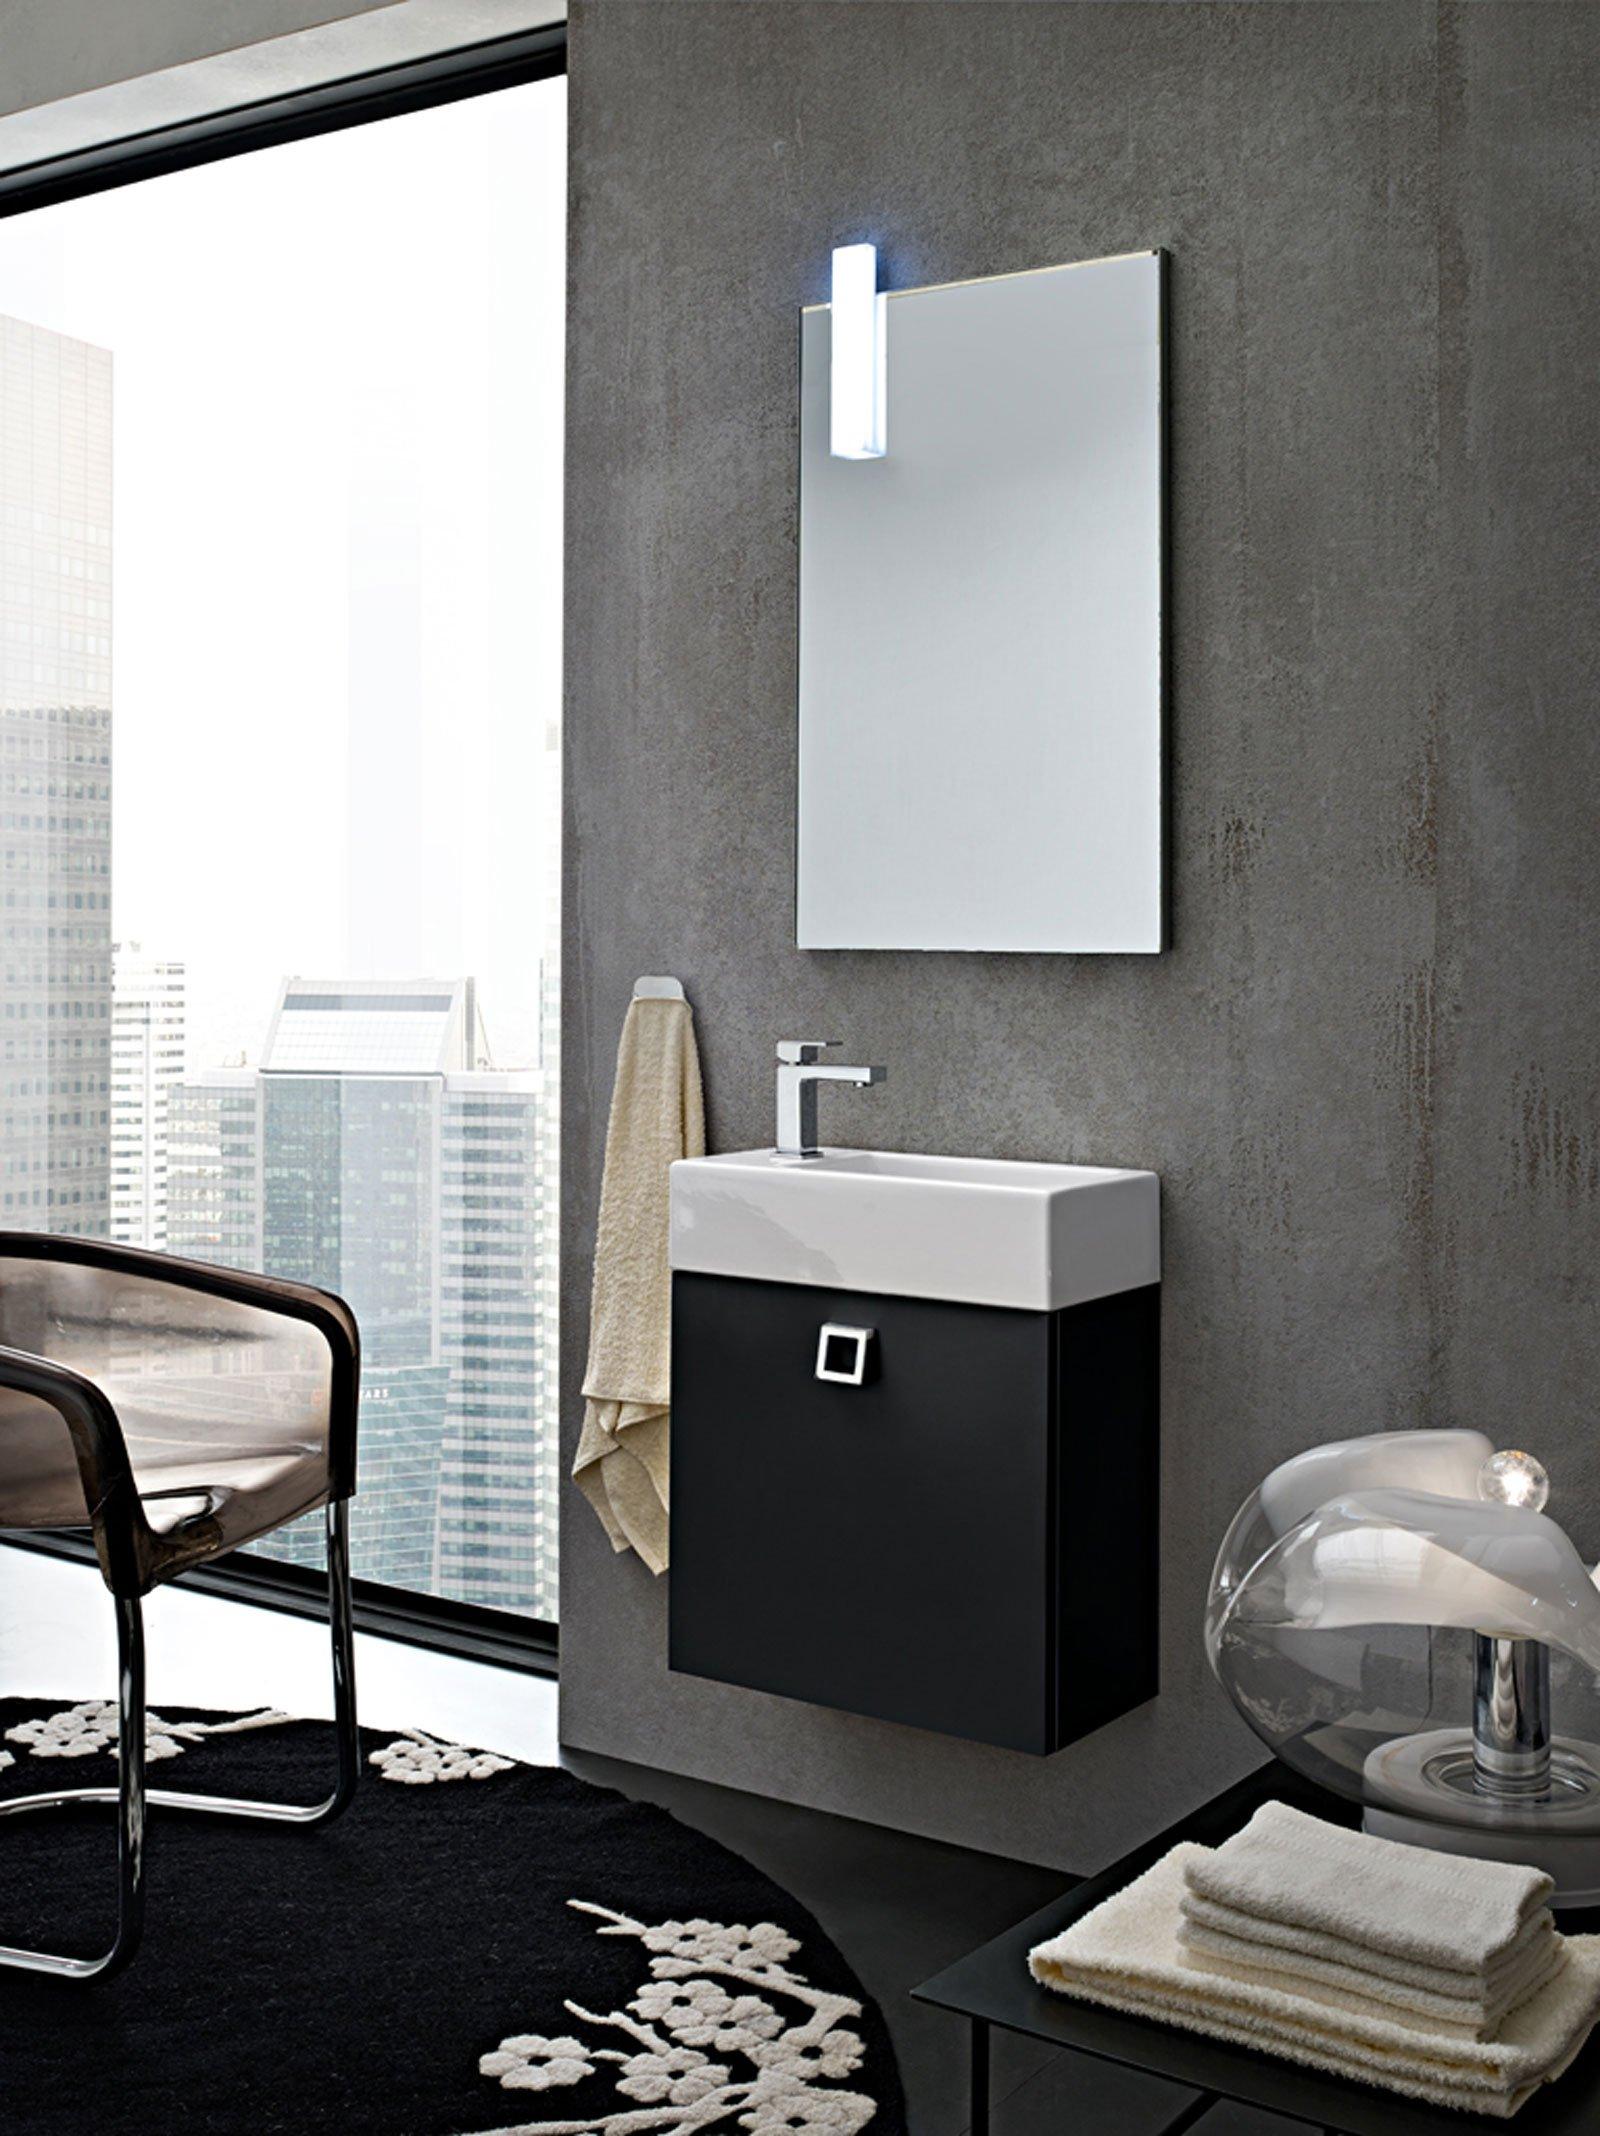 Mobili lavabo piccoli per risparmiare centimetri preziosi - Mobili per lavabi ...